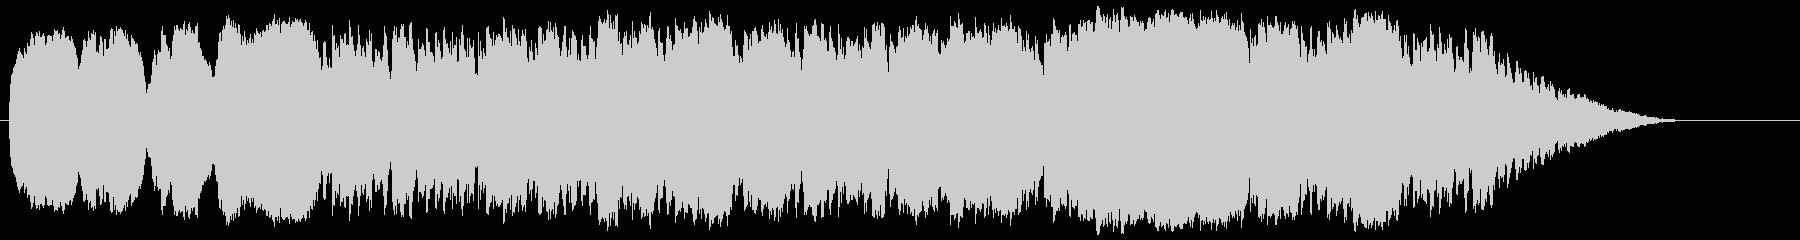 木管楽器+ストリングス曲_001木管楽…の未再生の波形